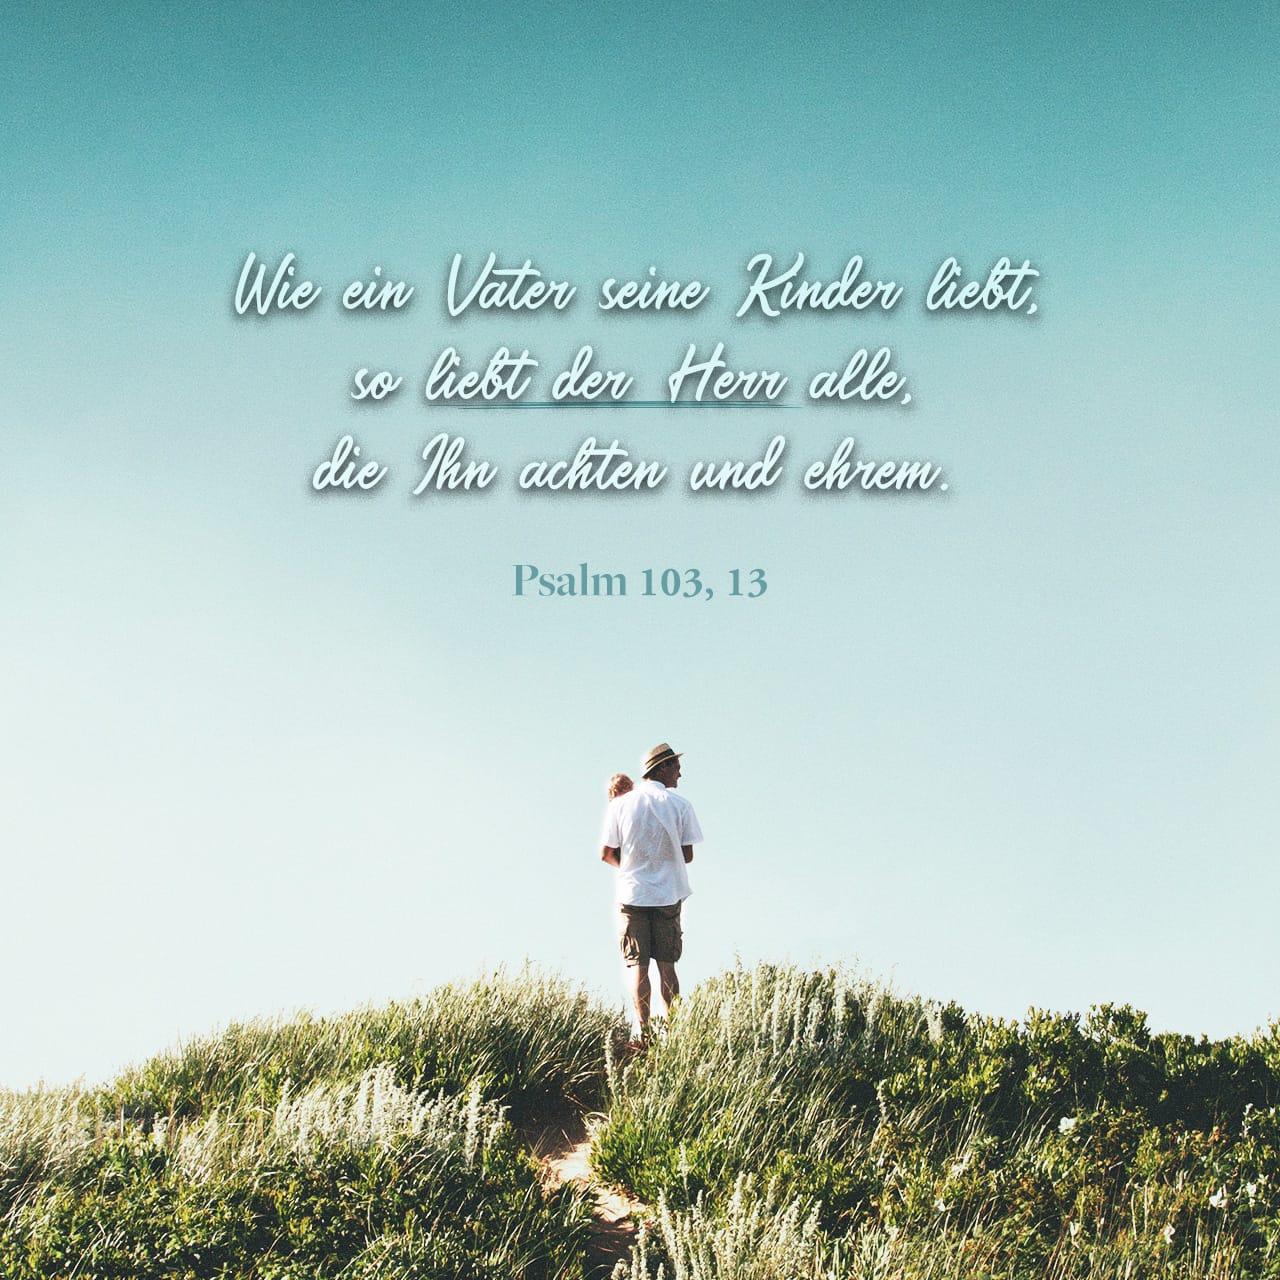 Wie ein Vater seine Kinder liebt, so liebt der HERR alle, die Ihn achten und ehren. - Psalm 103,13 - Versbild